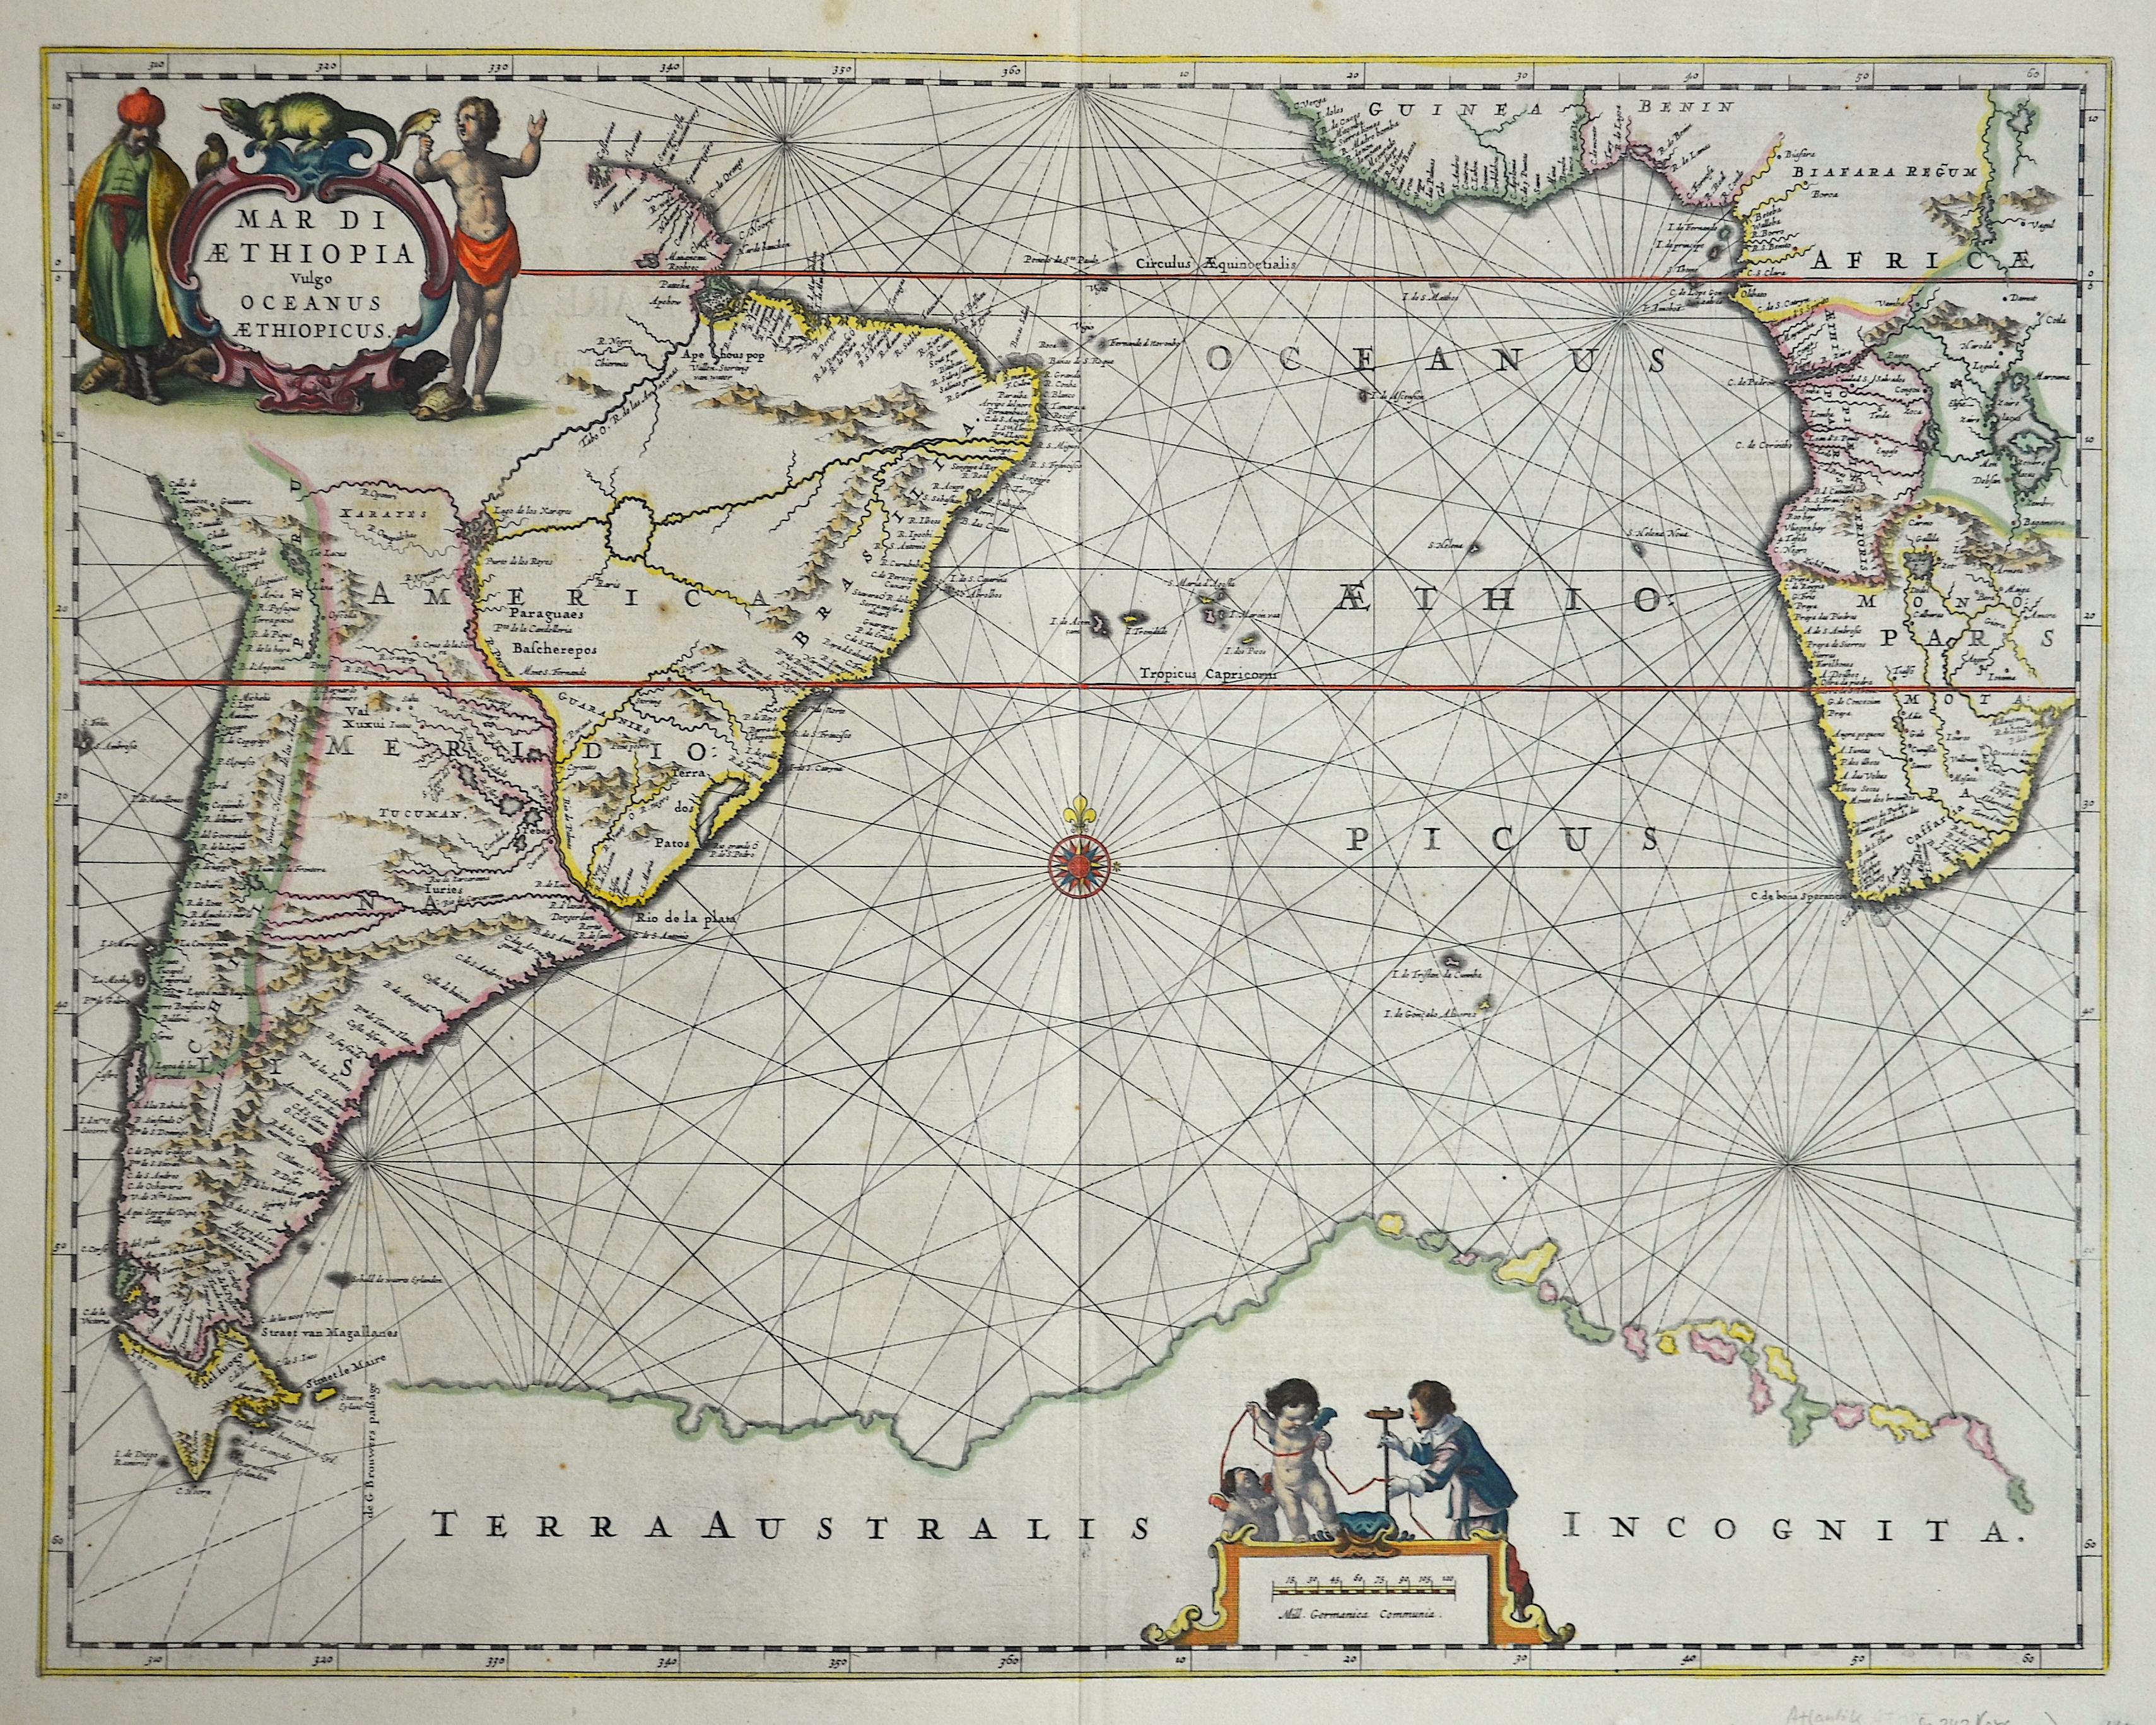 Janssonius Johann Mare di Aethipia vulgo Oceanus Aethiopicus